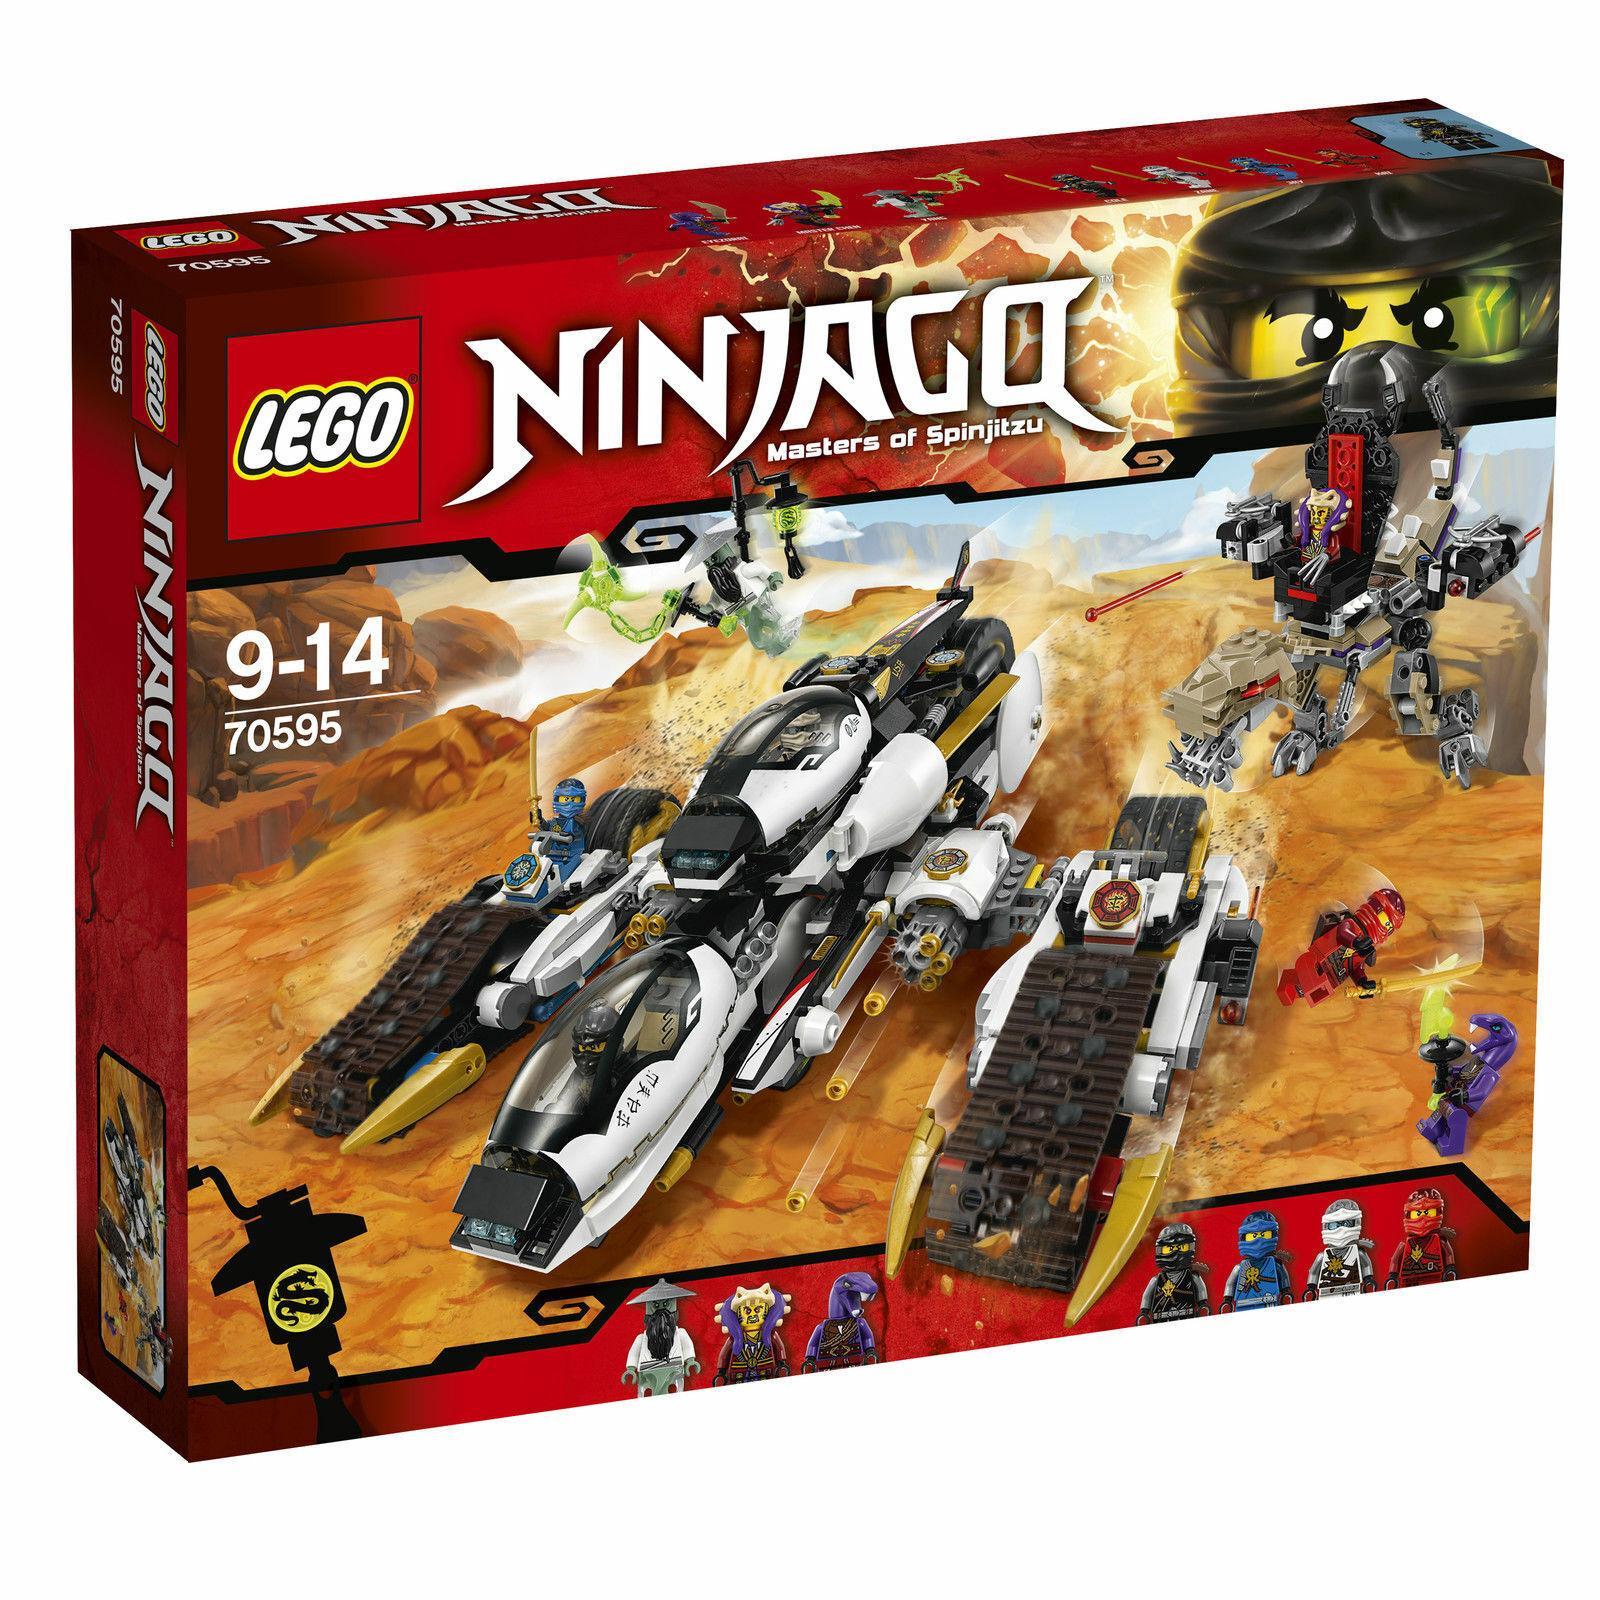 Lego ®  Ninjago ™ 70595 ultra-stealth Vehicle  4-in1 - VEHICLE nouveau OVP nouveau MISB  la meilleure sélection de